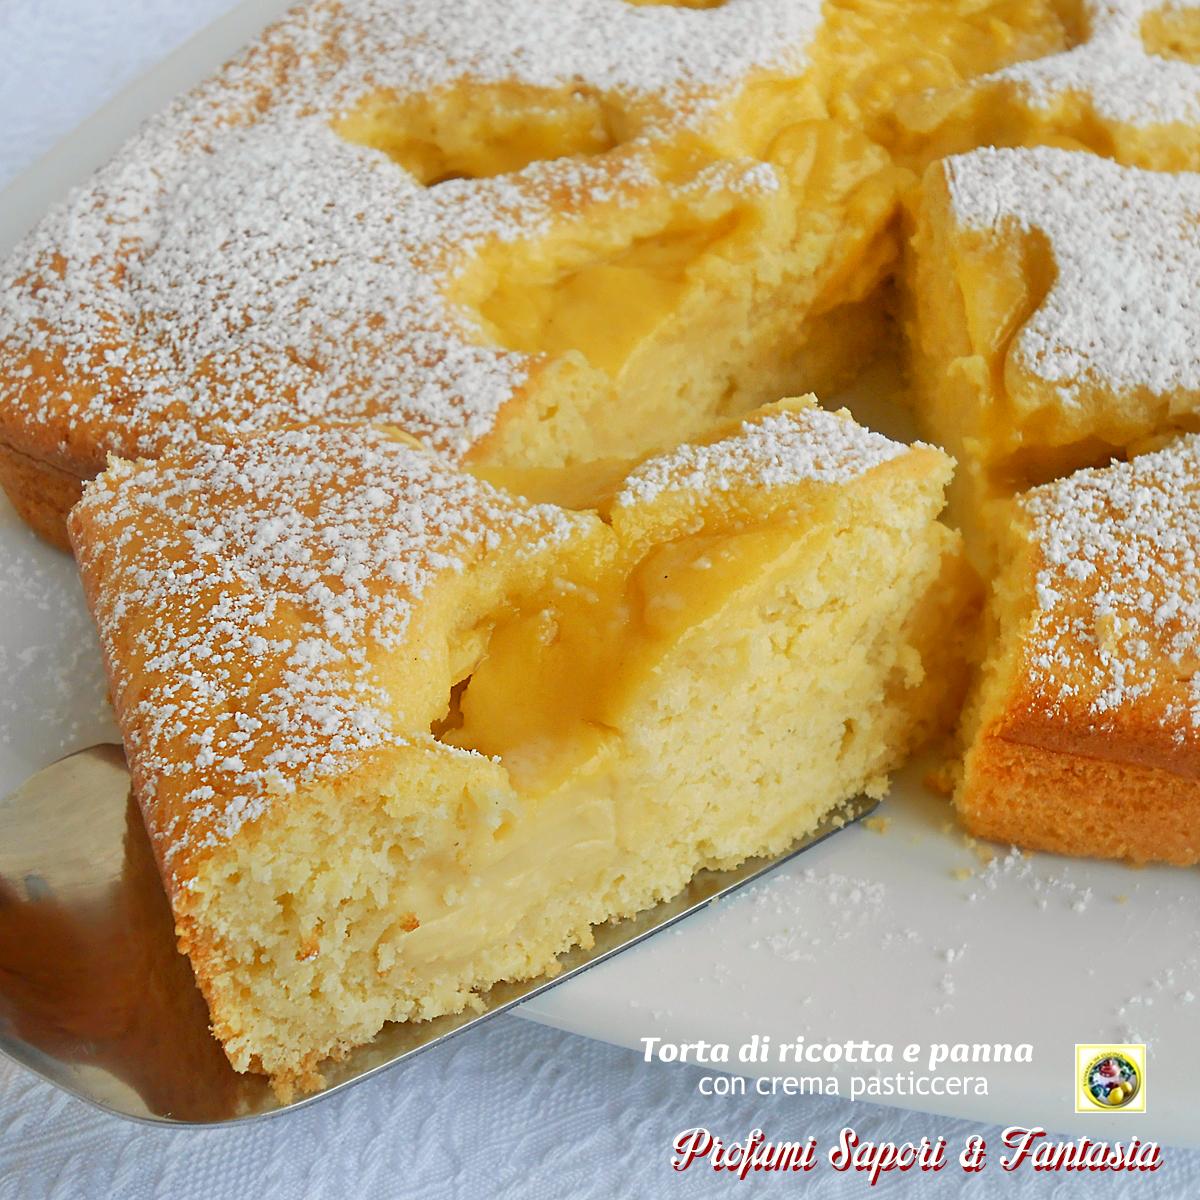 torta golosa di ricotta e panna con crema pasticcera